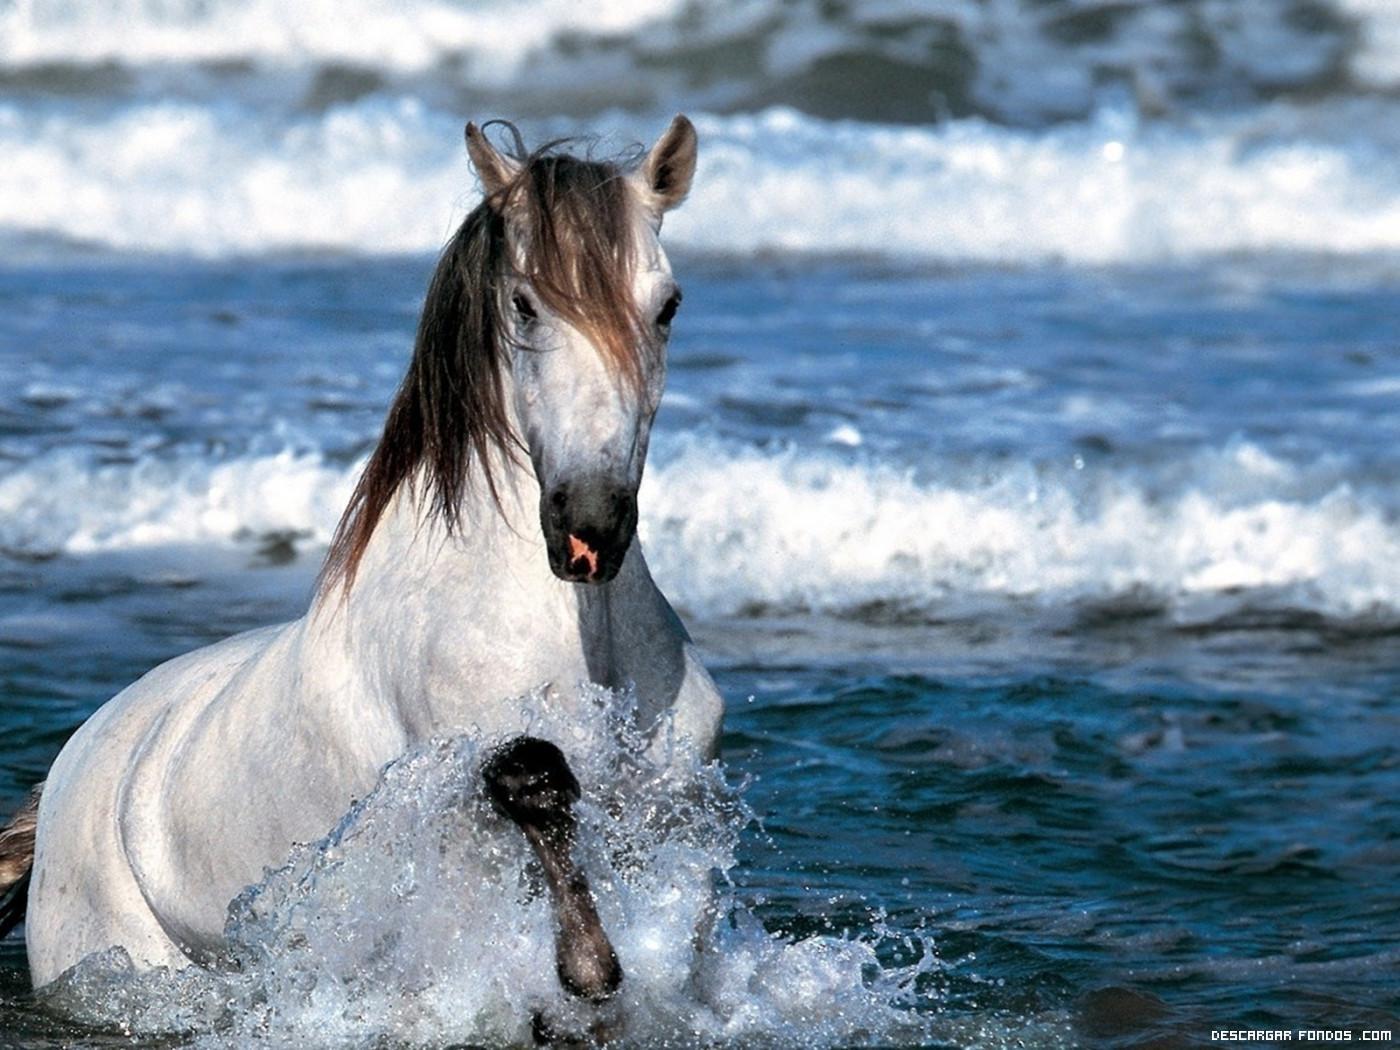 Caballo saliendo del agua